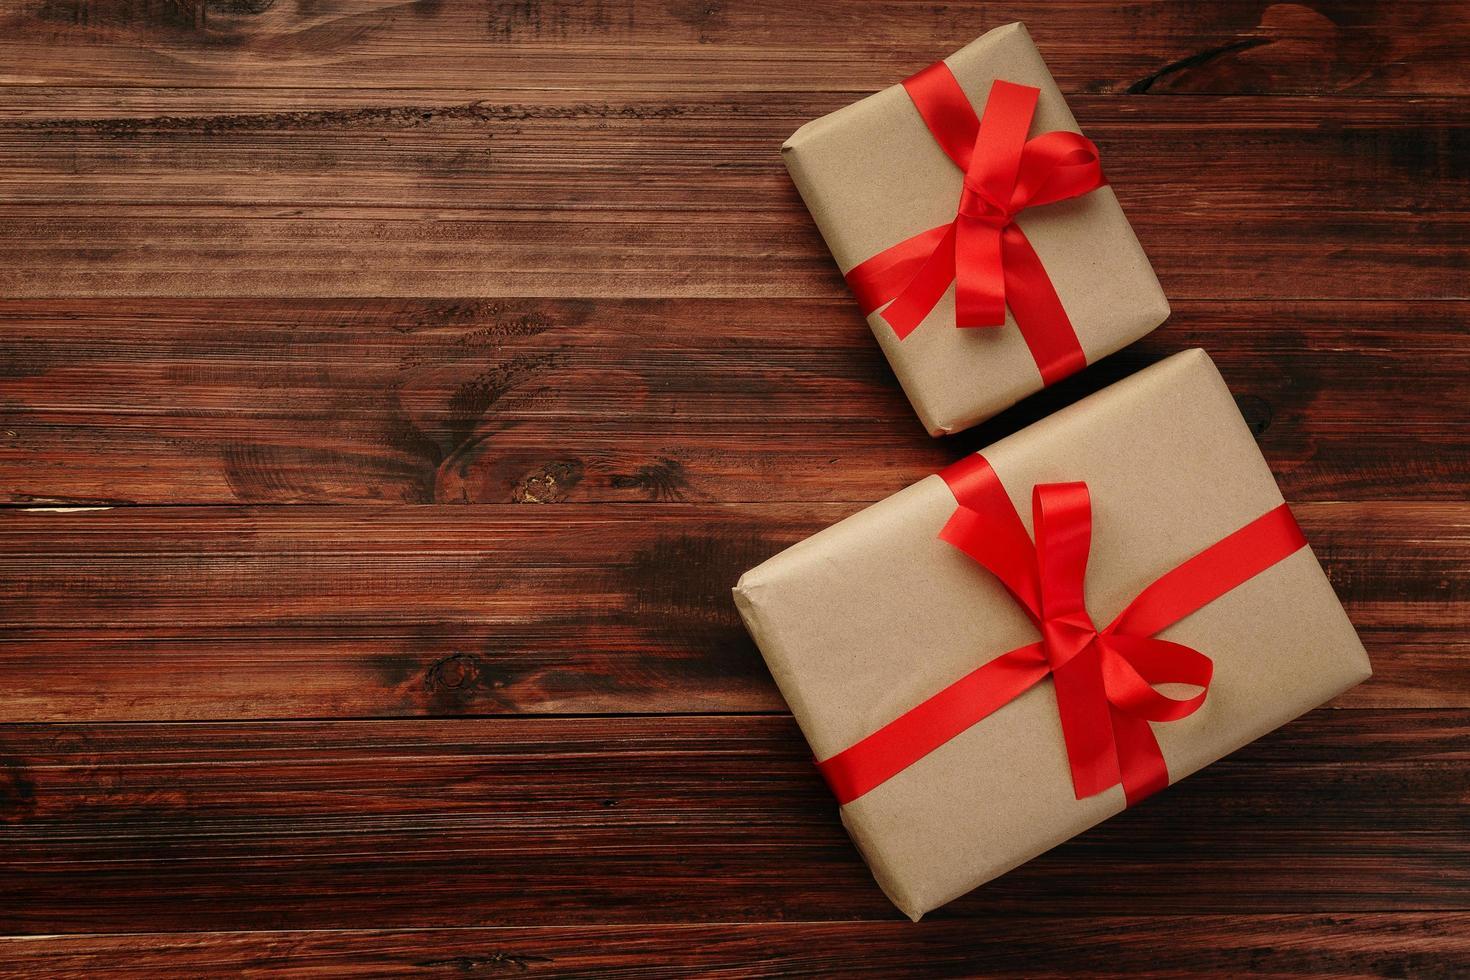 Vue de dessus des cadeaux de Noël sur une surface en bois photo